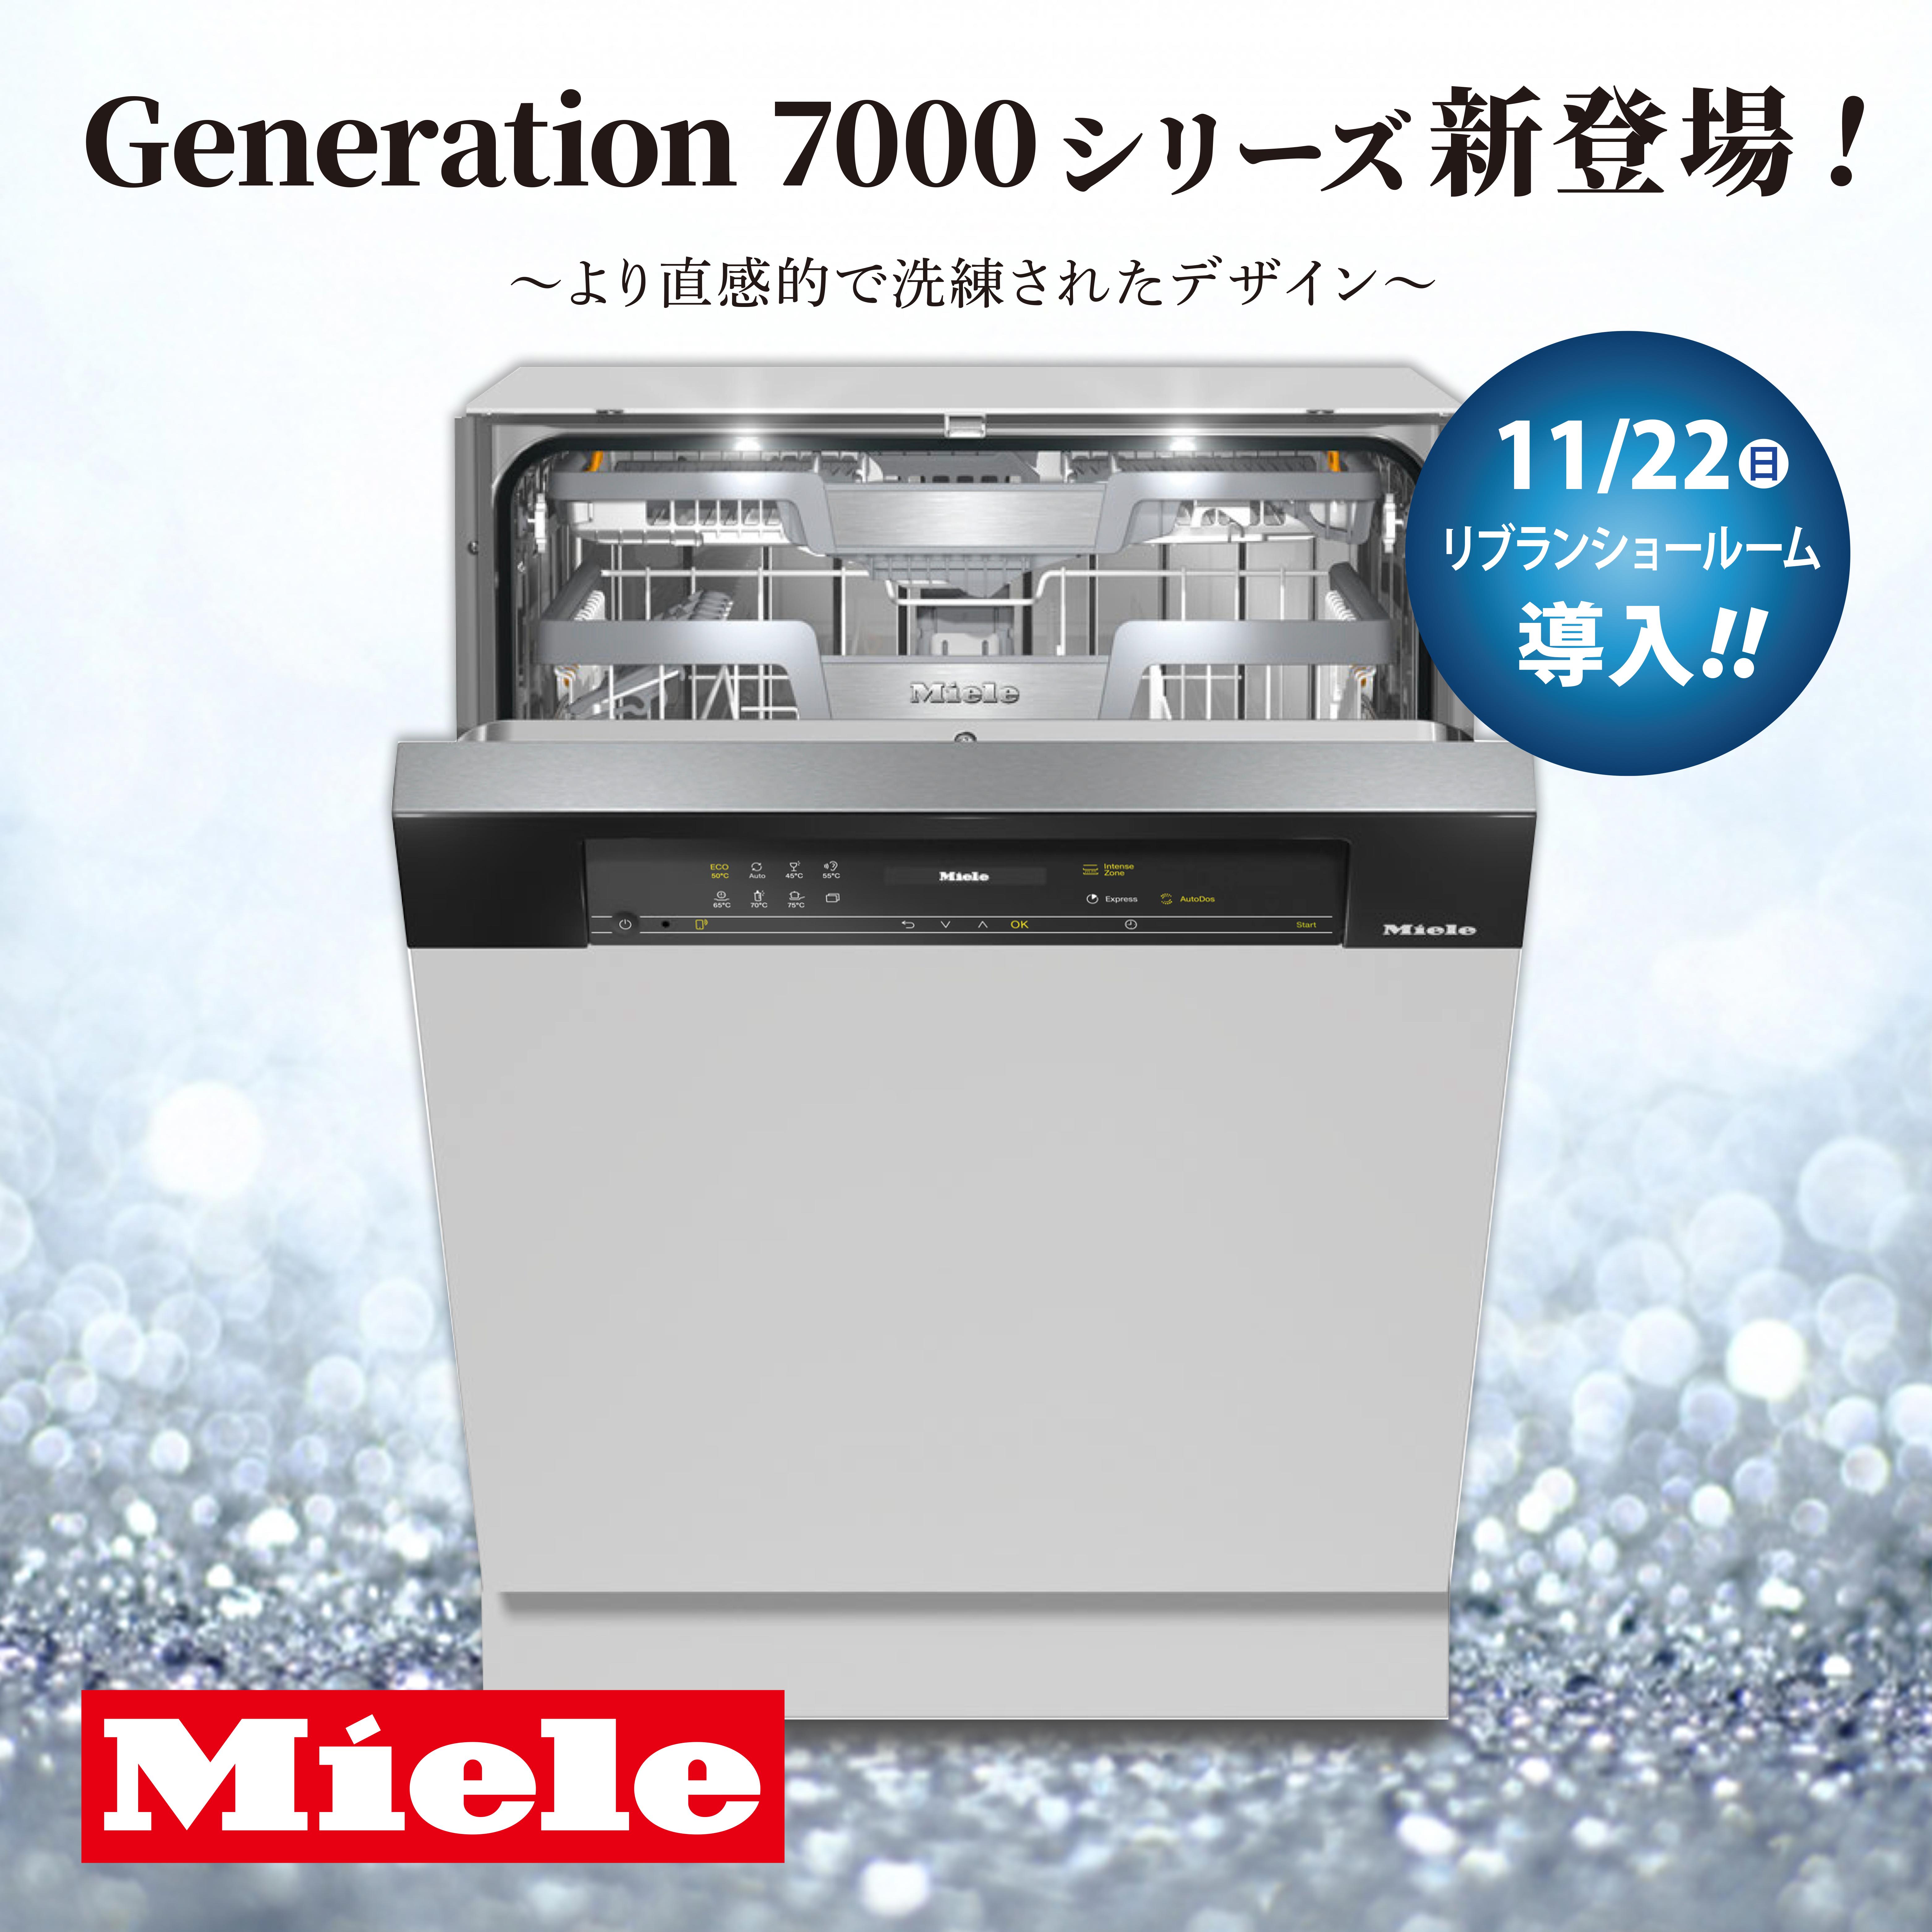 ミーレ7000シリーズSNS.jpg